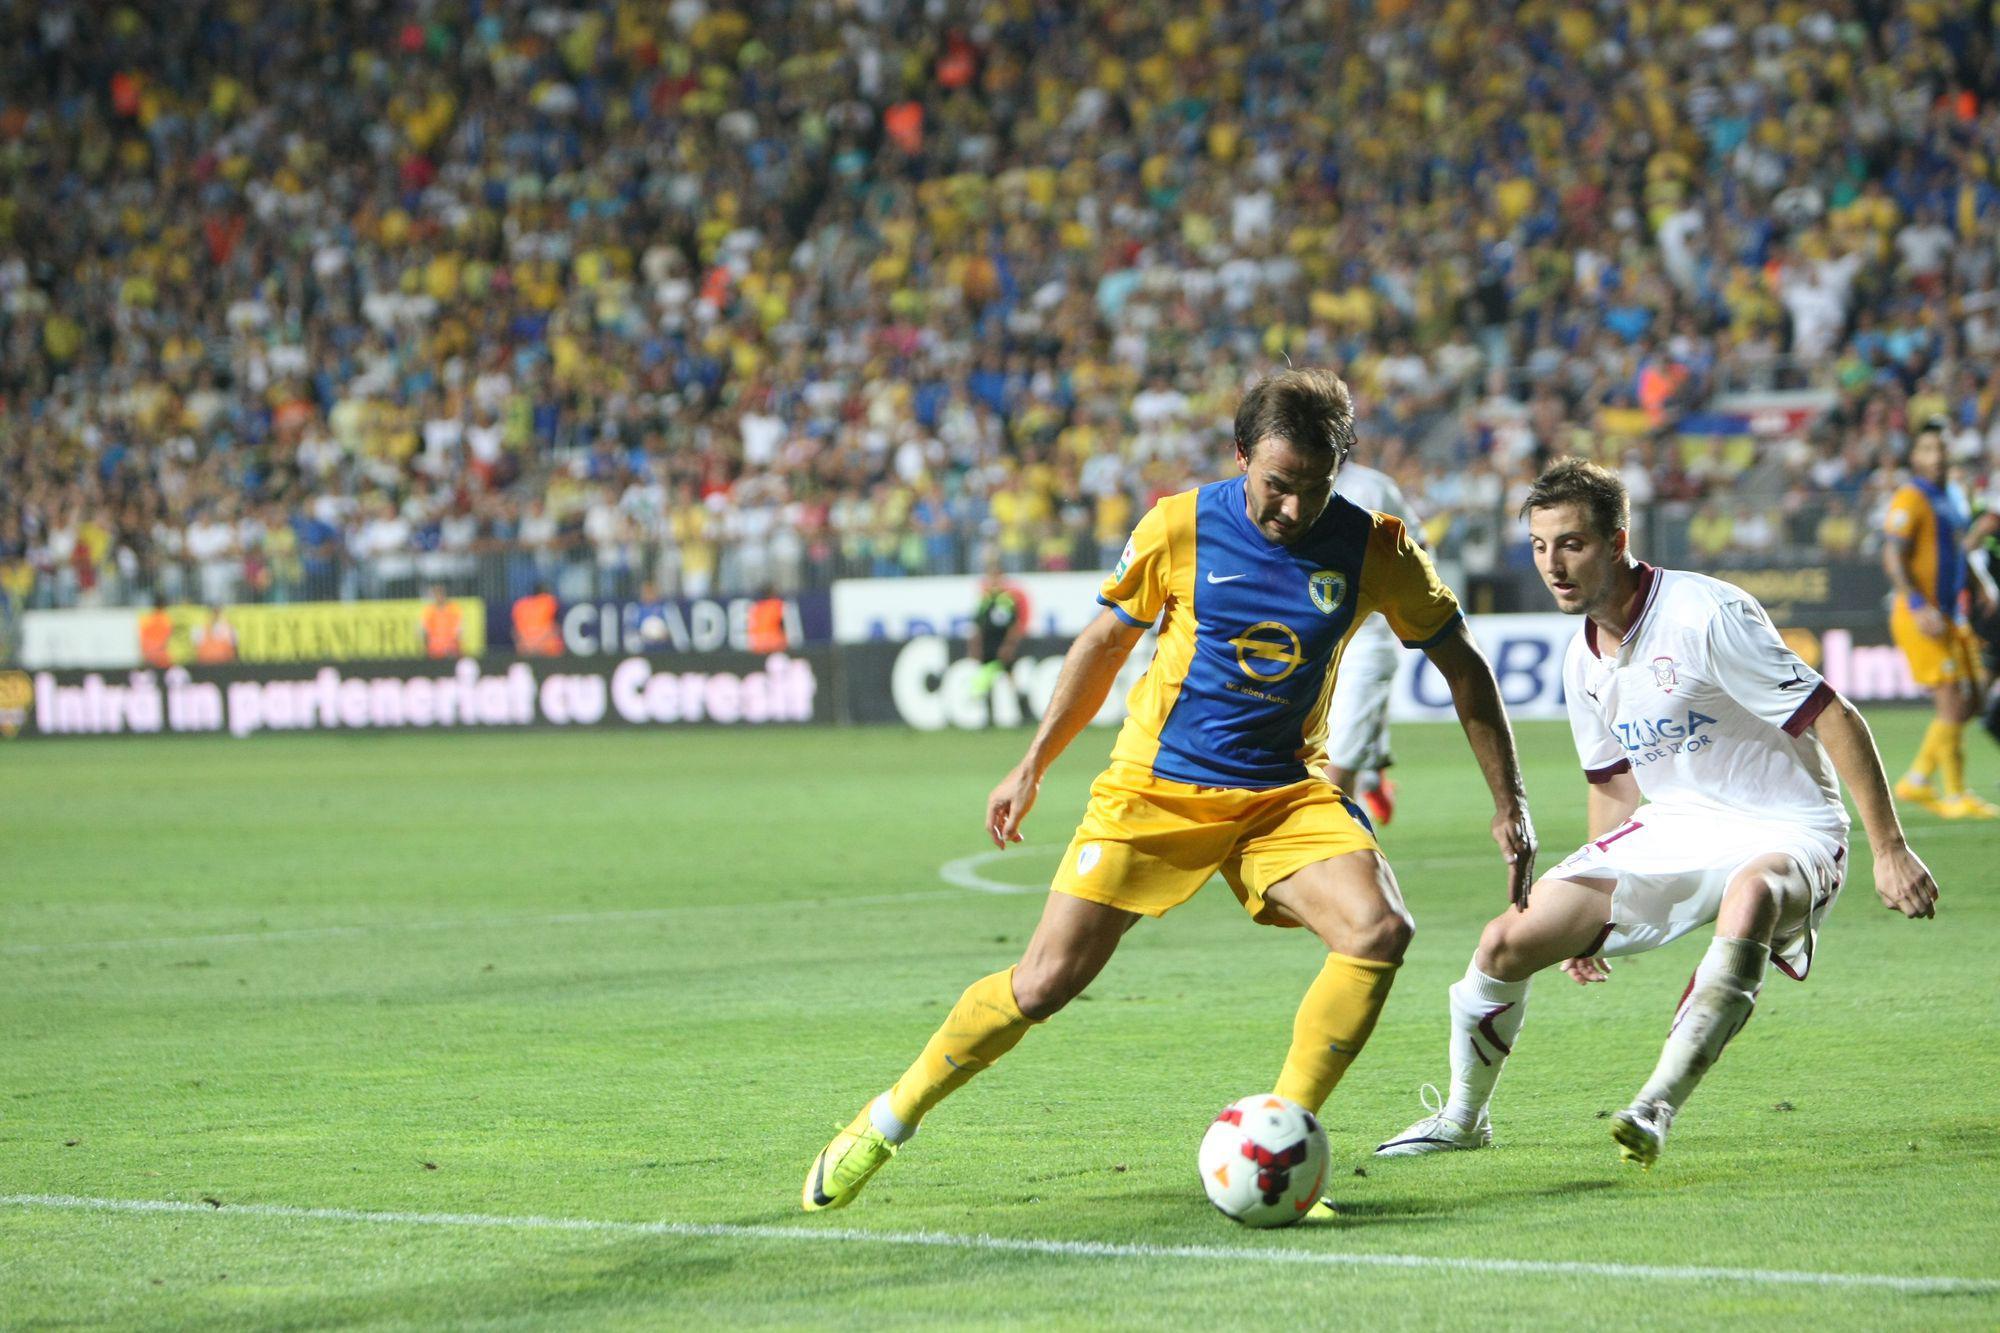 Petrolul – FC Brașov 1-0. Regele Filipe i-a scos din in-somnolenţă!